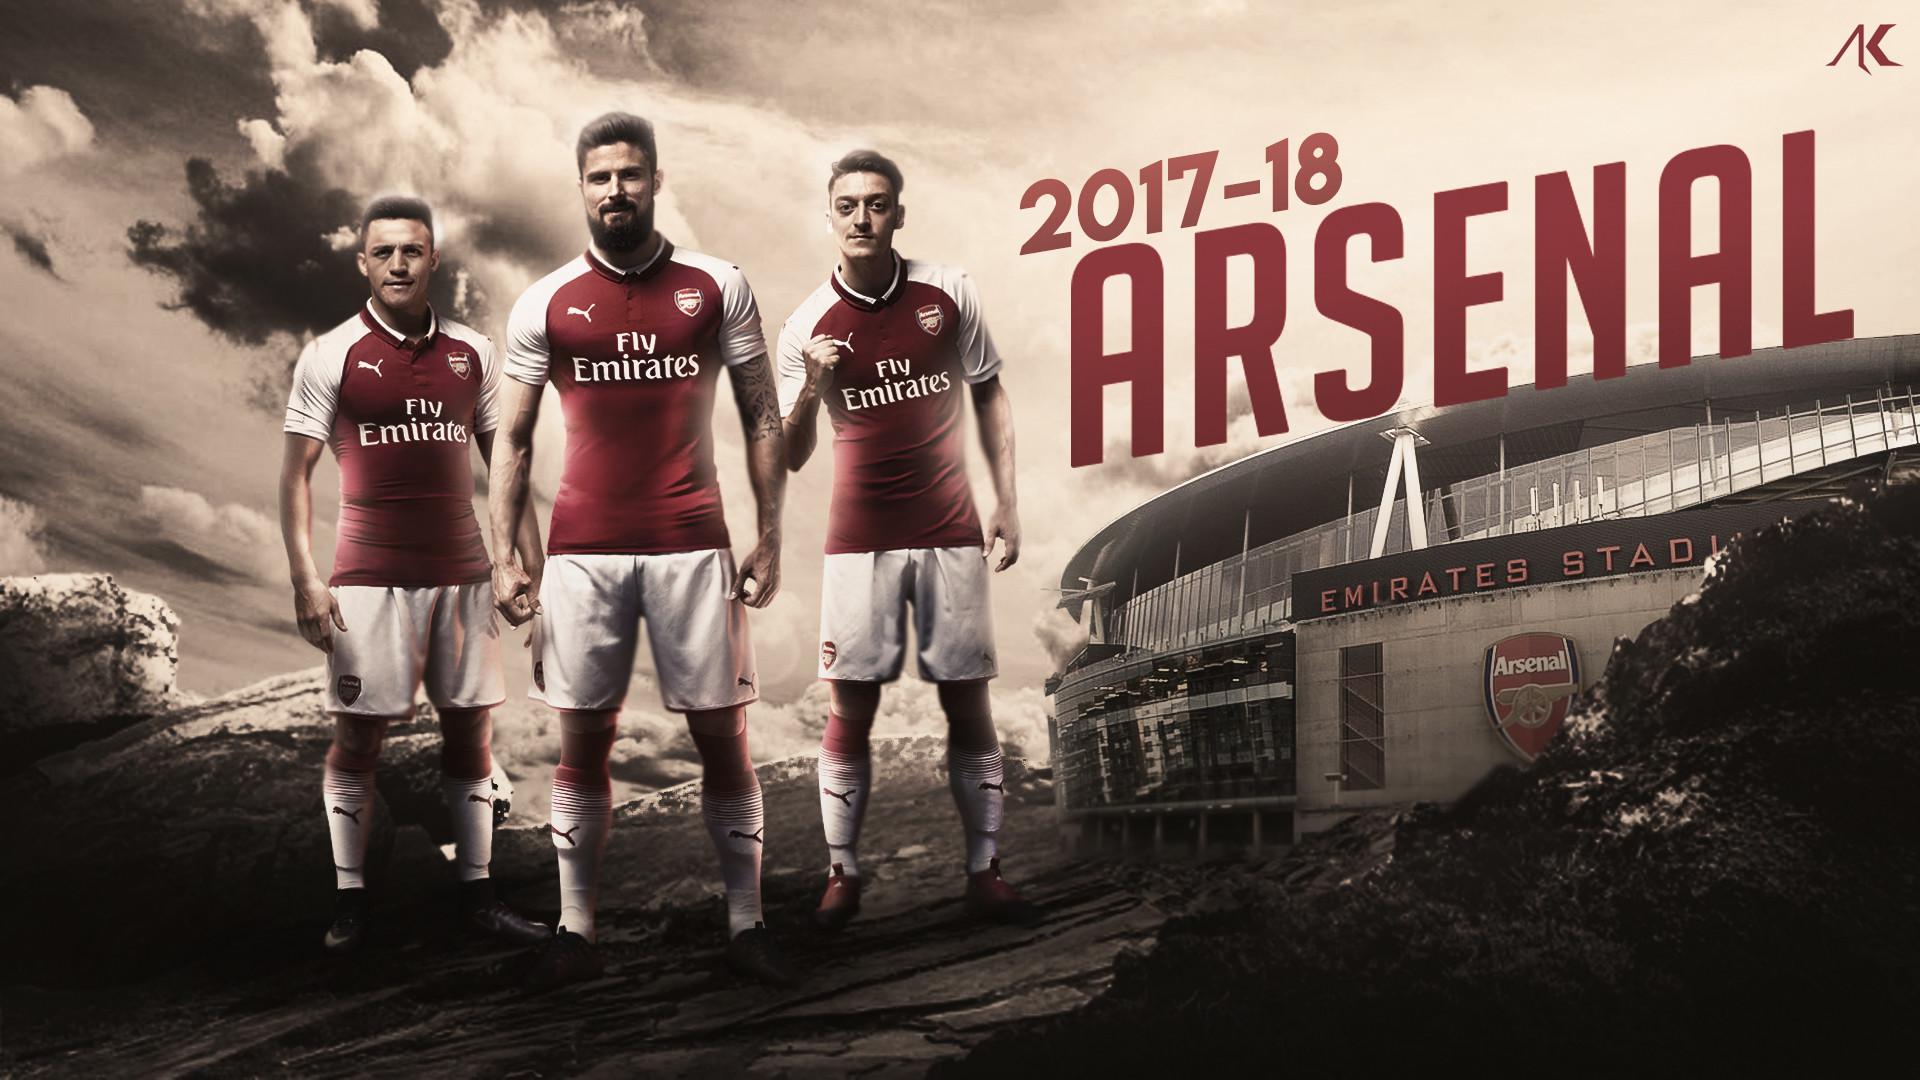 316d0891 1920x1080 DeepanshuGFX 5 2 Arsenal 2017-18 by AadiKothari